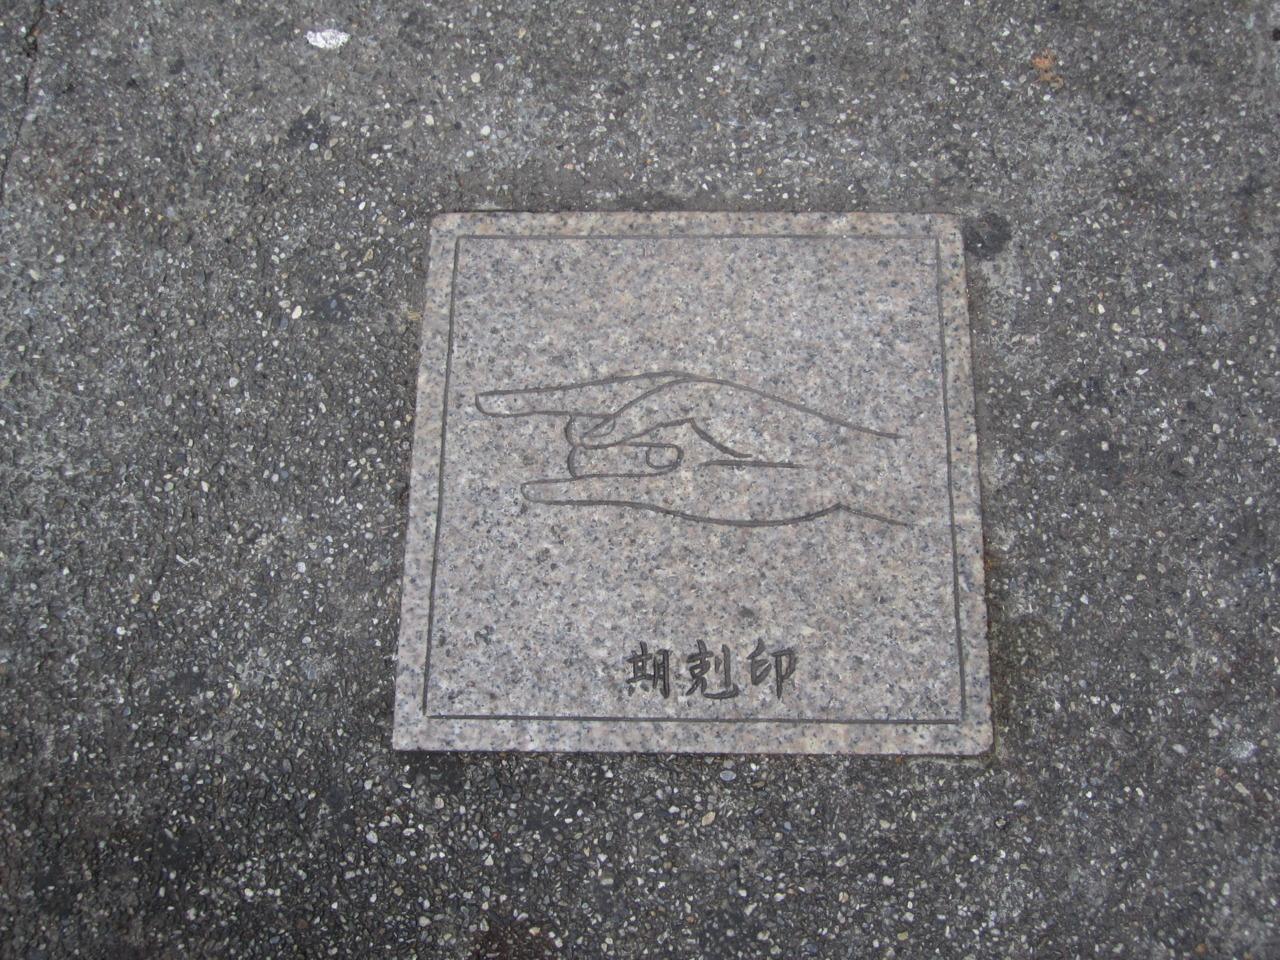 Rock. Taipei, Taiwan